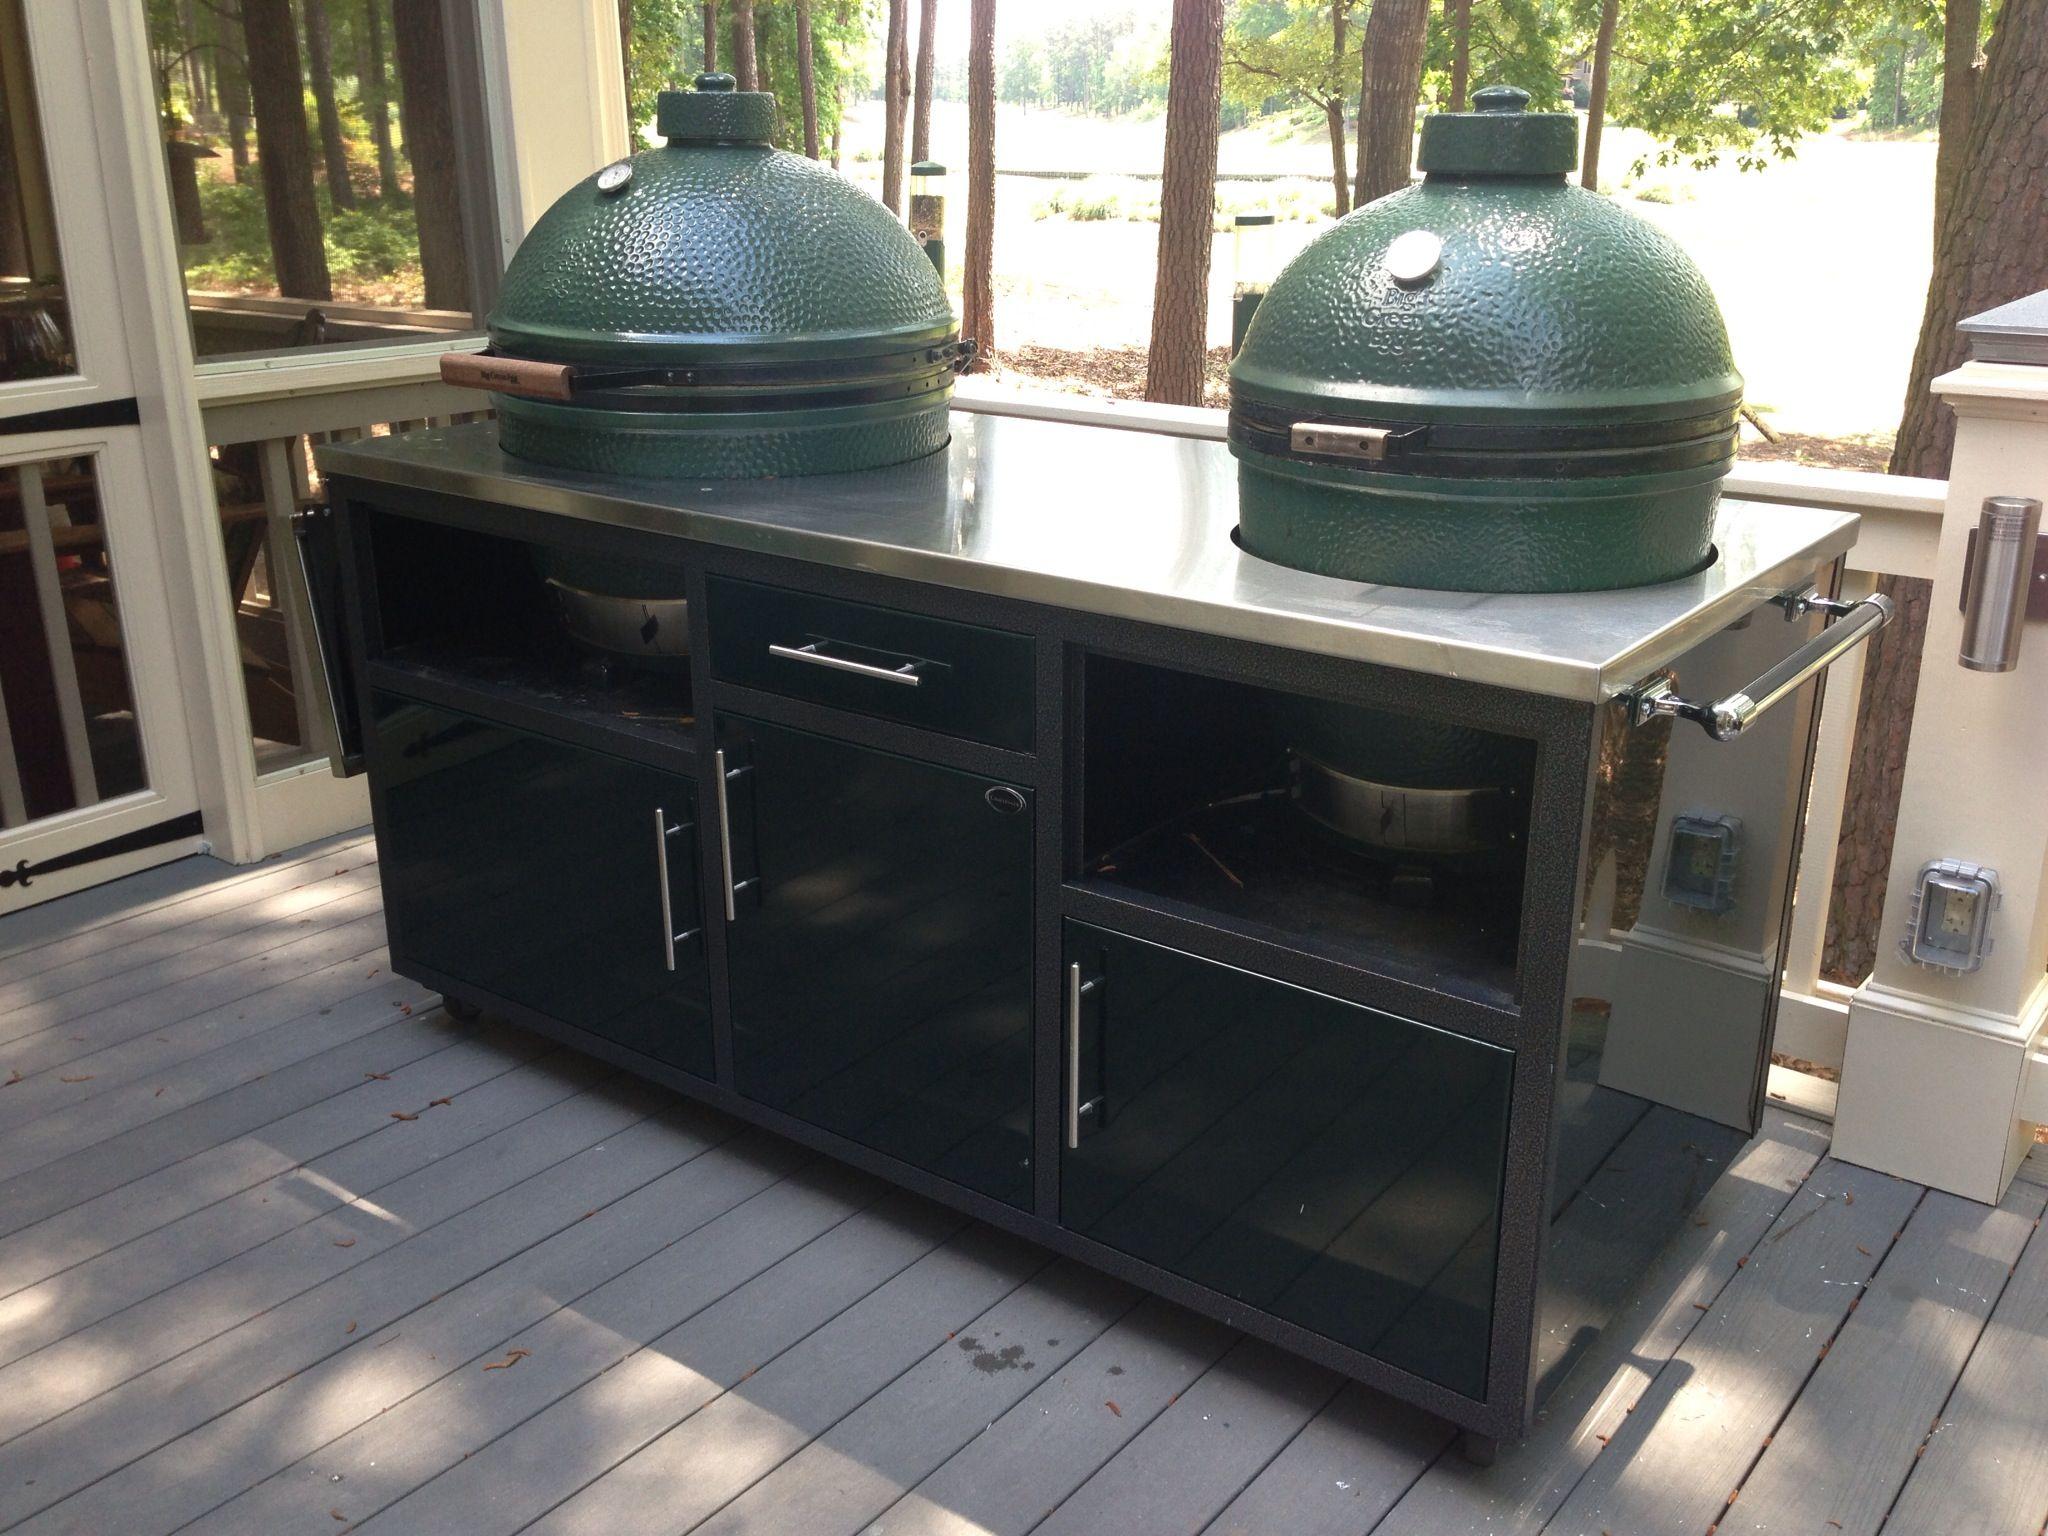 Big Green Egg Outdoor Kitchen 22 Best Images About Big Green Egg On Pinterest Venison Big